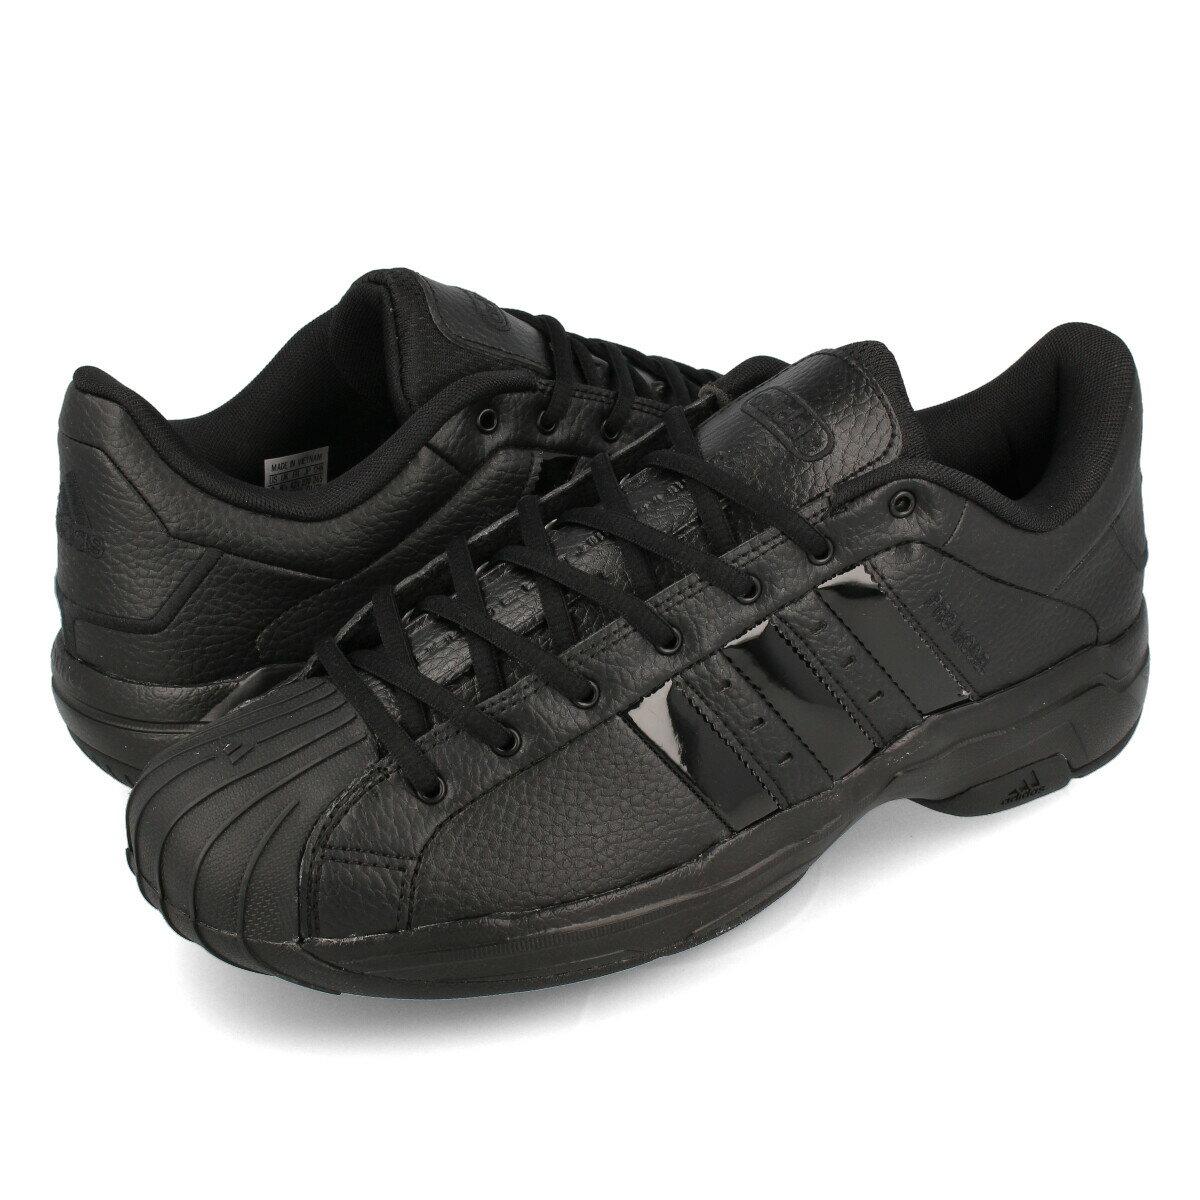 メンズ靴, スニーカー adidas PRO MODEL 2G LOW 2G CORE BLACKCORE BLACKCORE BLACK fx7100